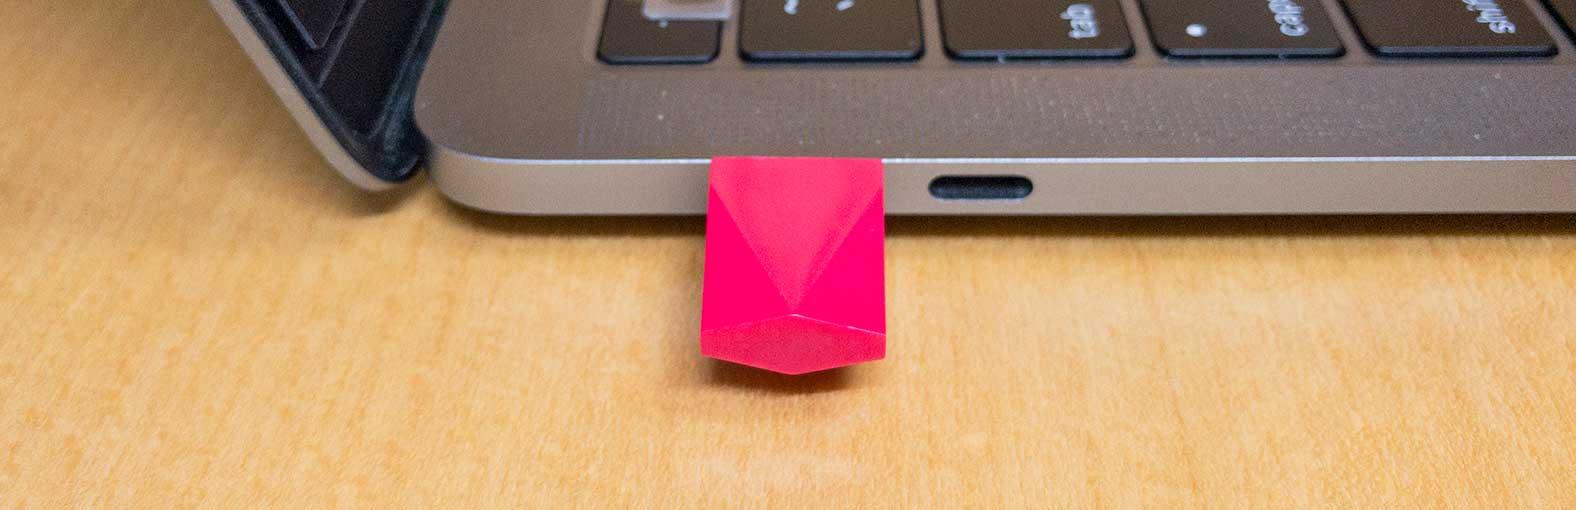 USBポートにデバイスを挿入